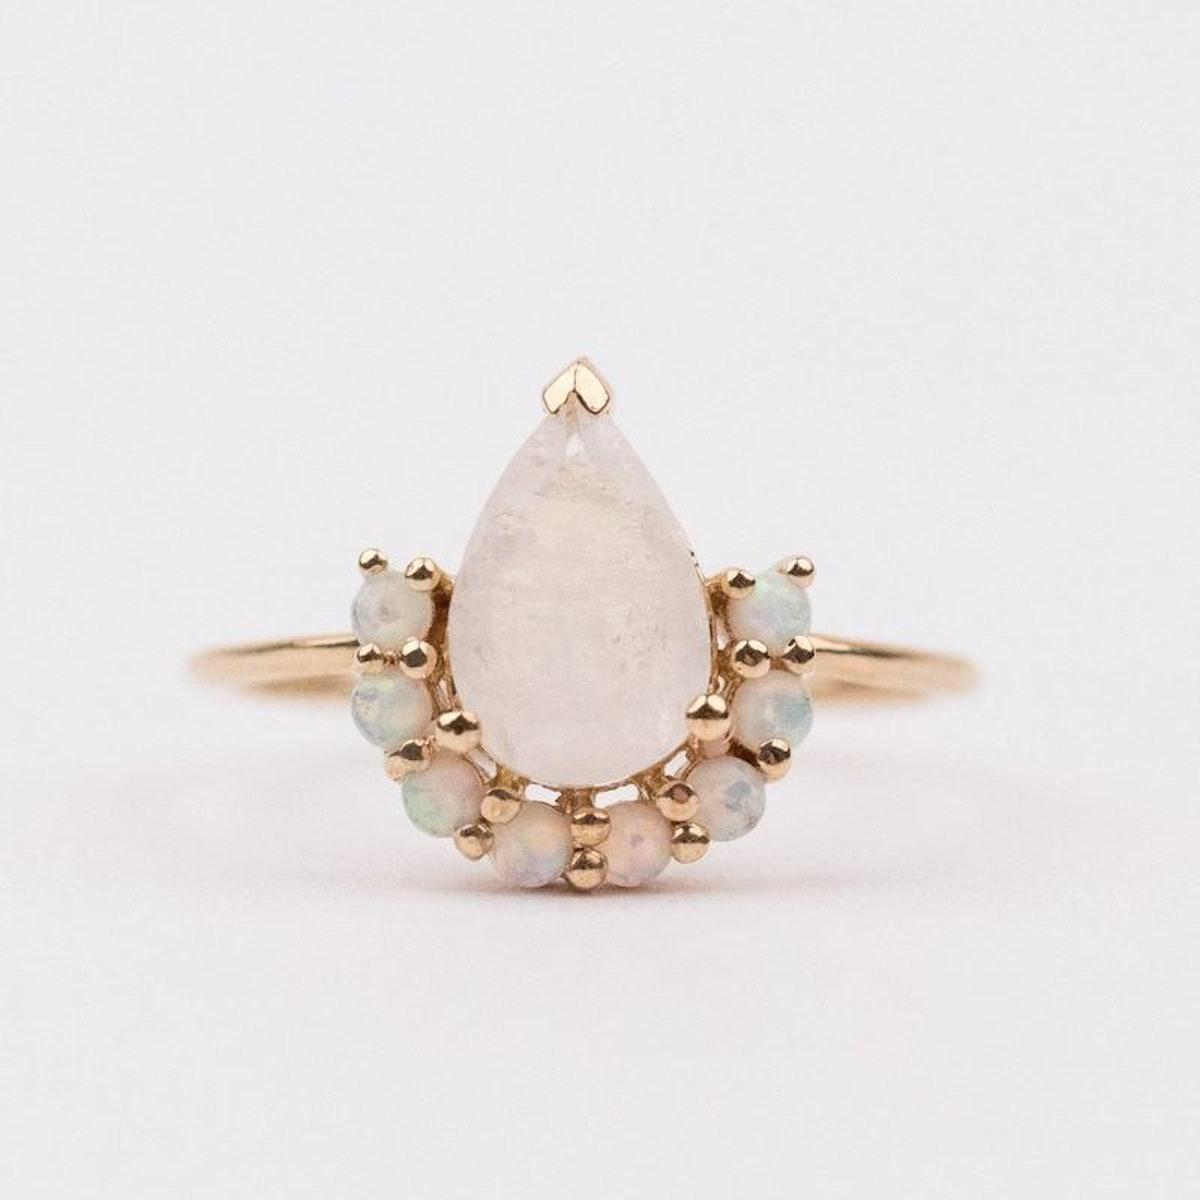 Opal & Moonstone Ballerina Ring